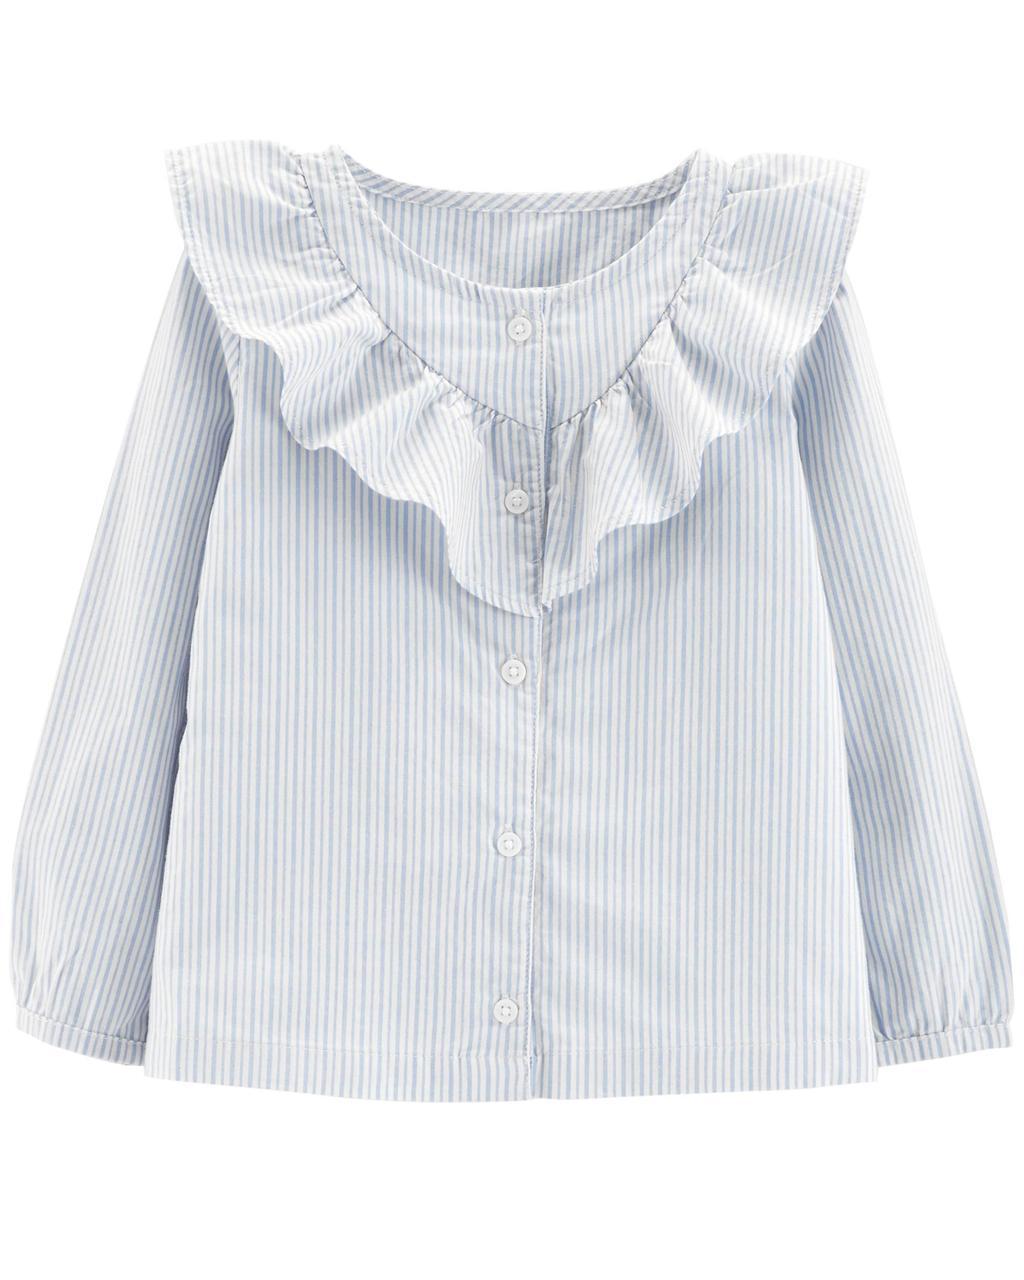 Туника для девочки Картерс ( Carters) синий 4Т(98-105 см)